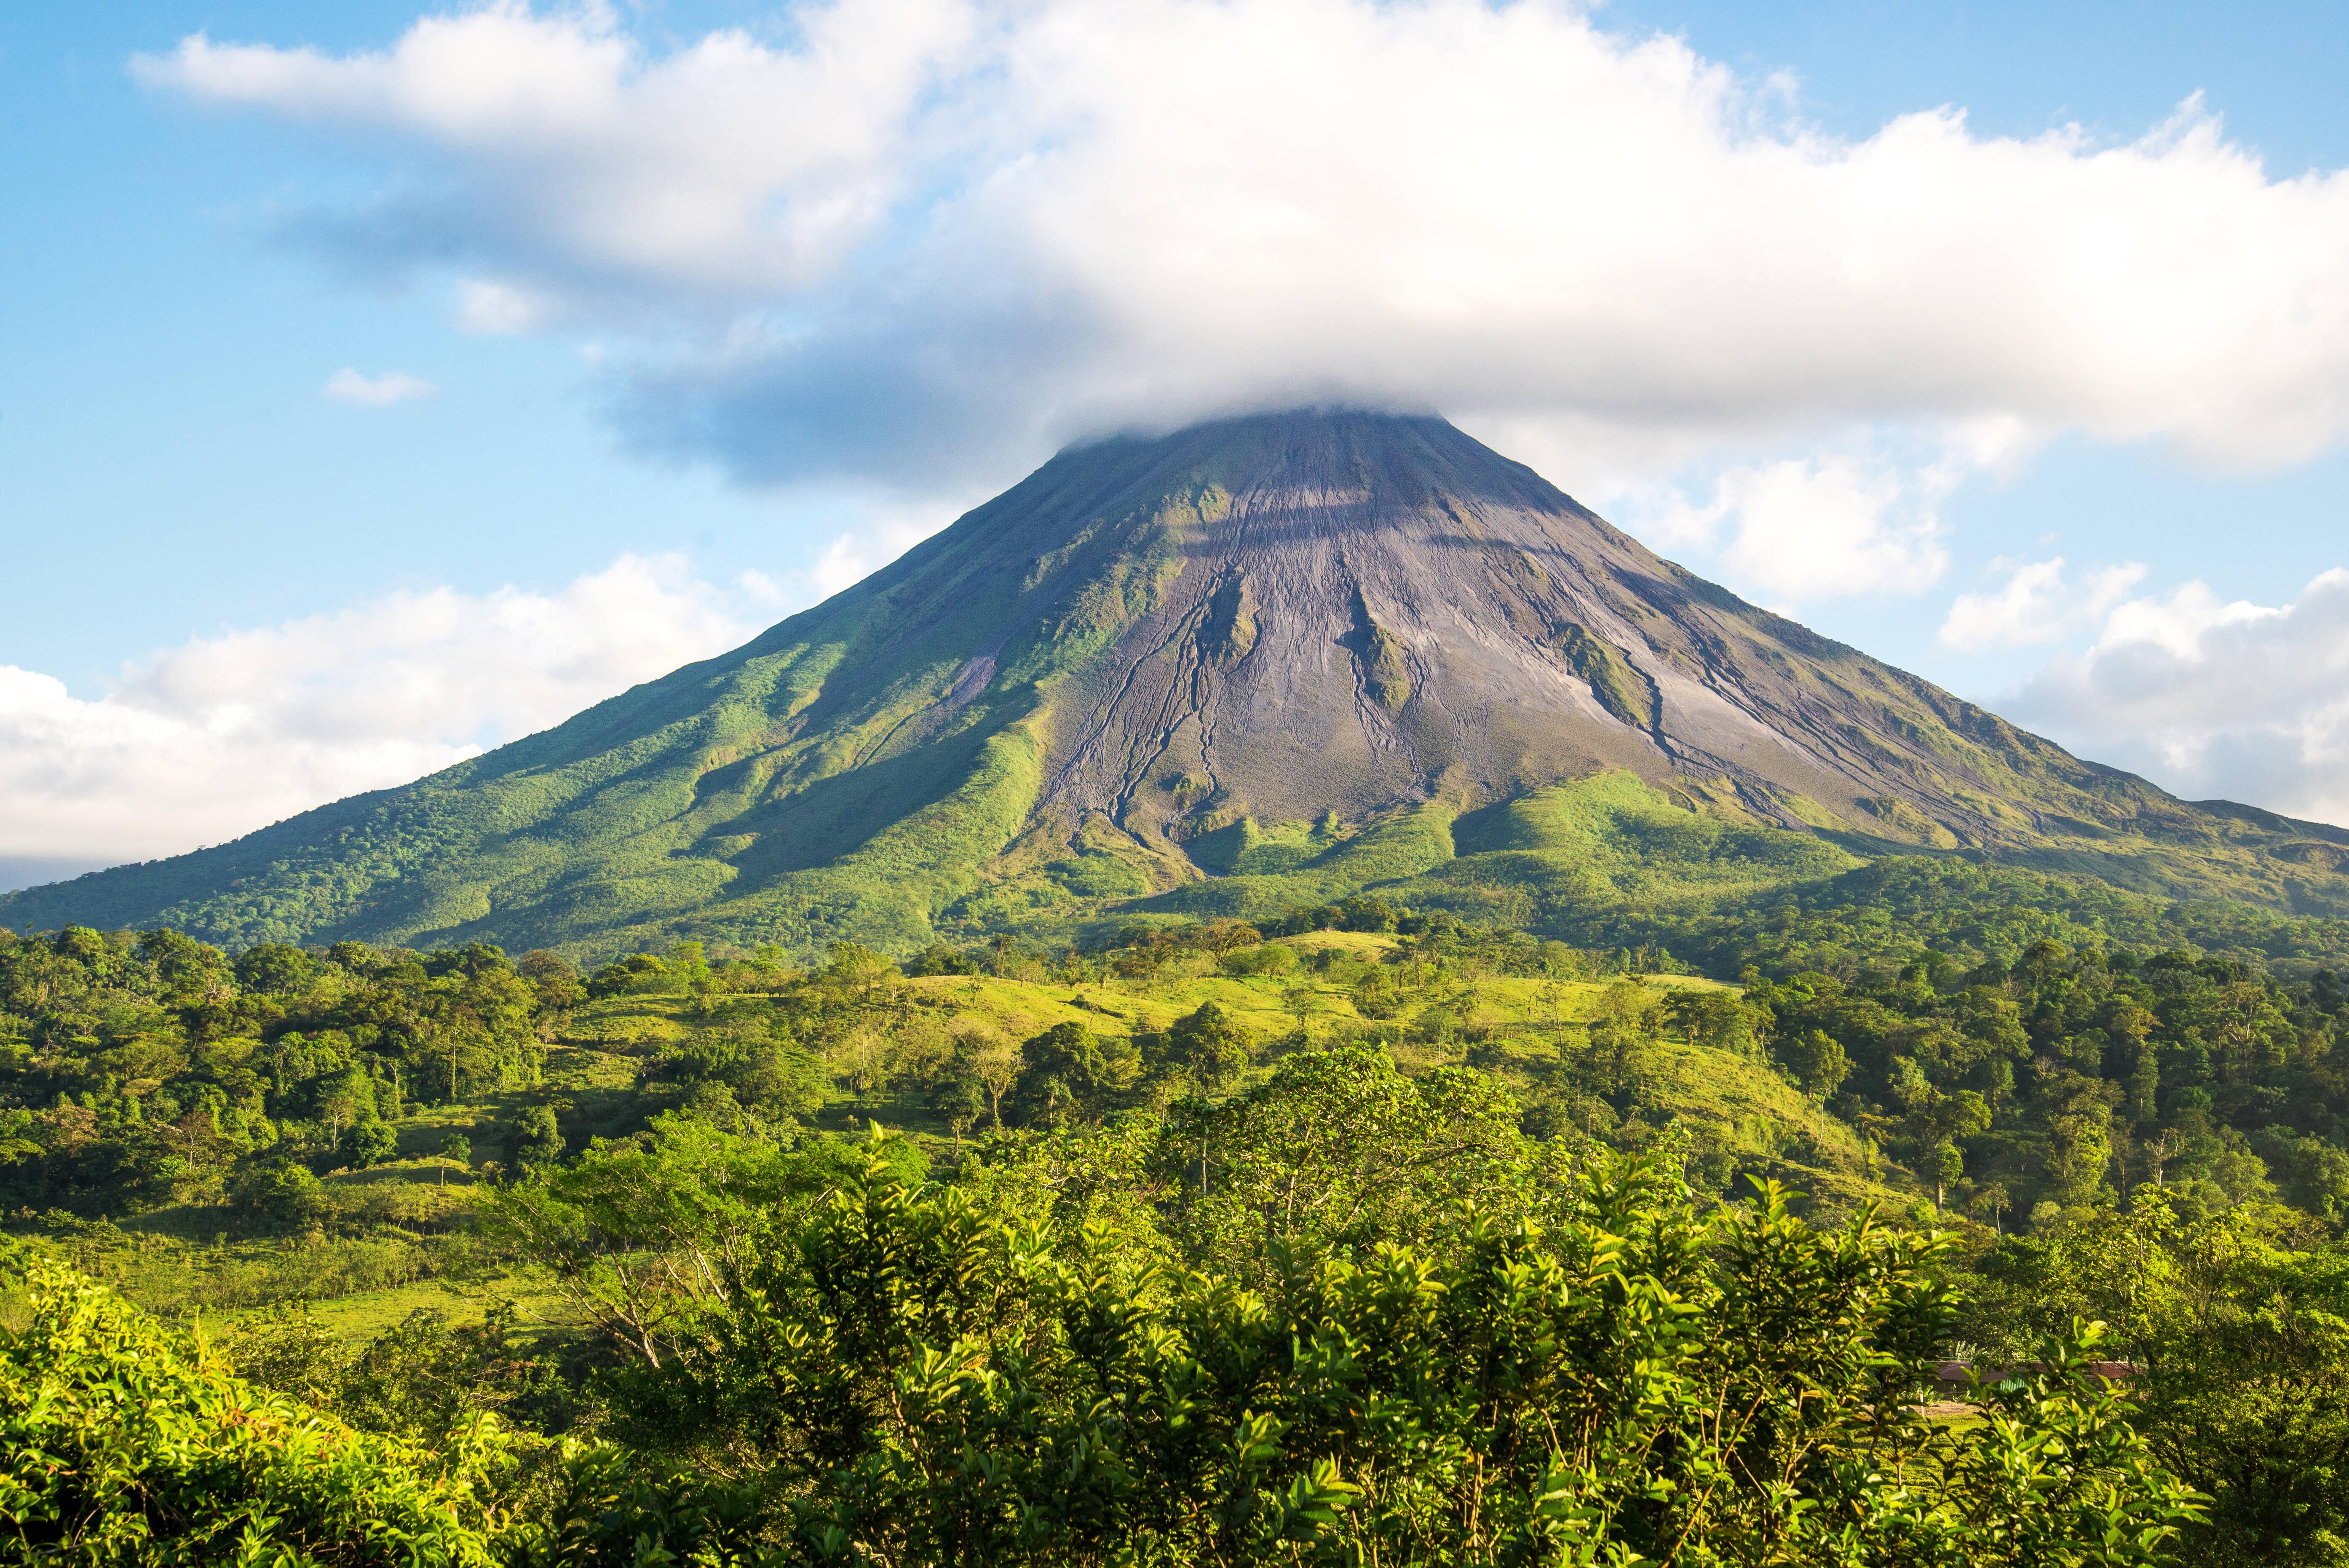 O vulcão Arenal é o mais popular destino do tipo na Costa Rica. Foto: shutterstock